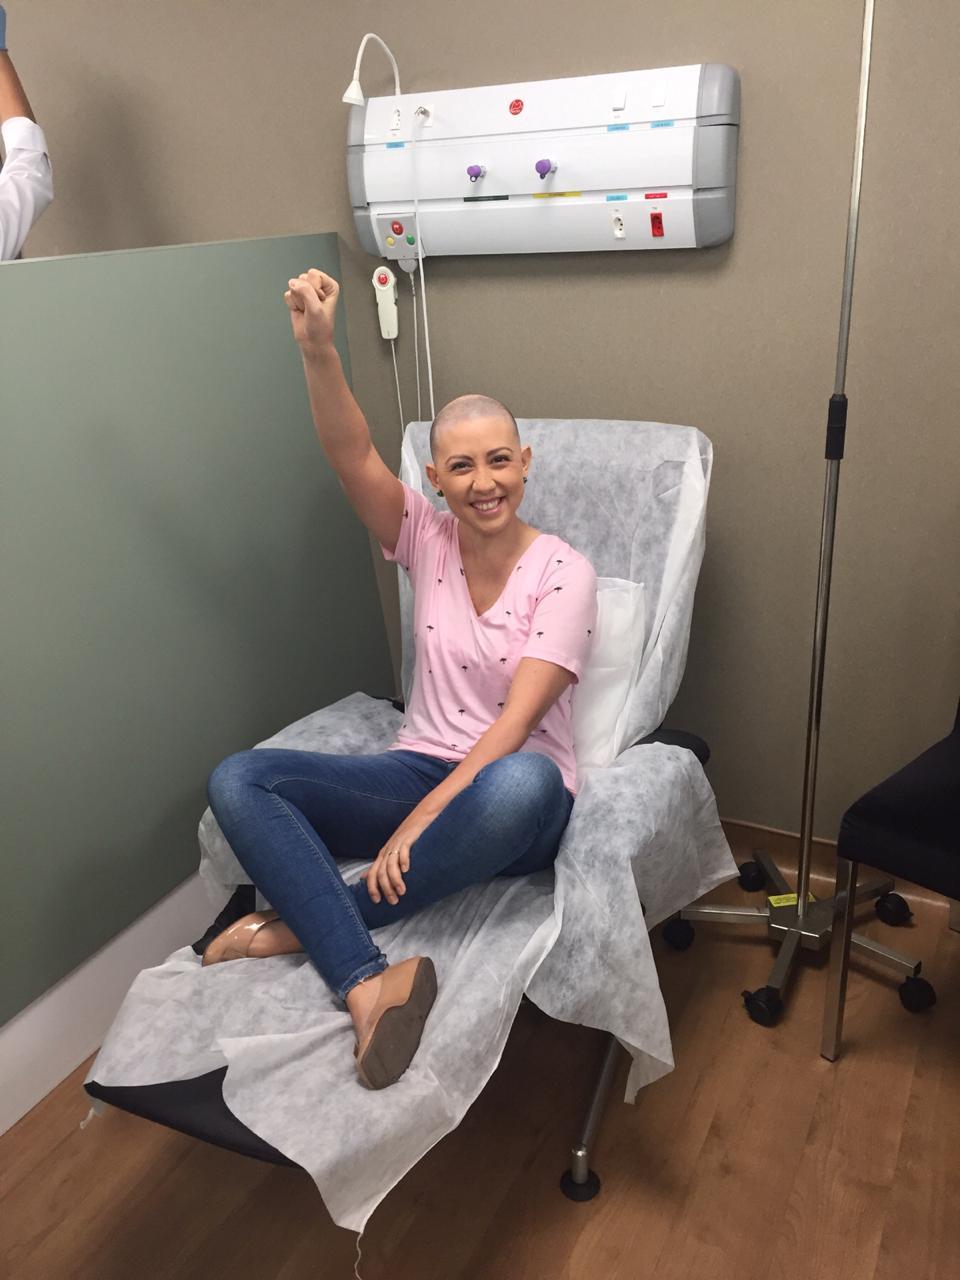 paciente câncer de mama poltrona hospital braço levantado sorrindo